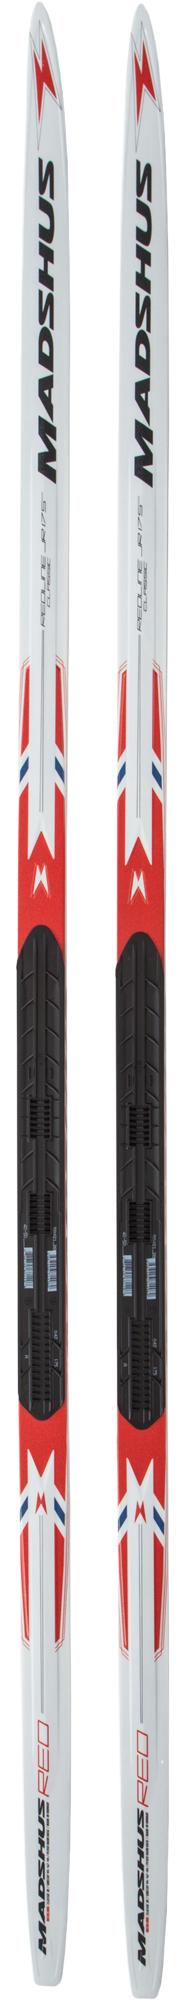 Madshus Беговые лыжи юниорские Madshus Line Carbon Classic Jr лыжи беговые tisa top universal с креплением цвет желтый белый черный рост 182 см